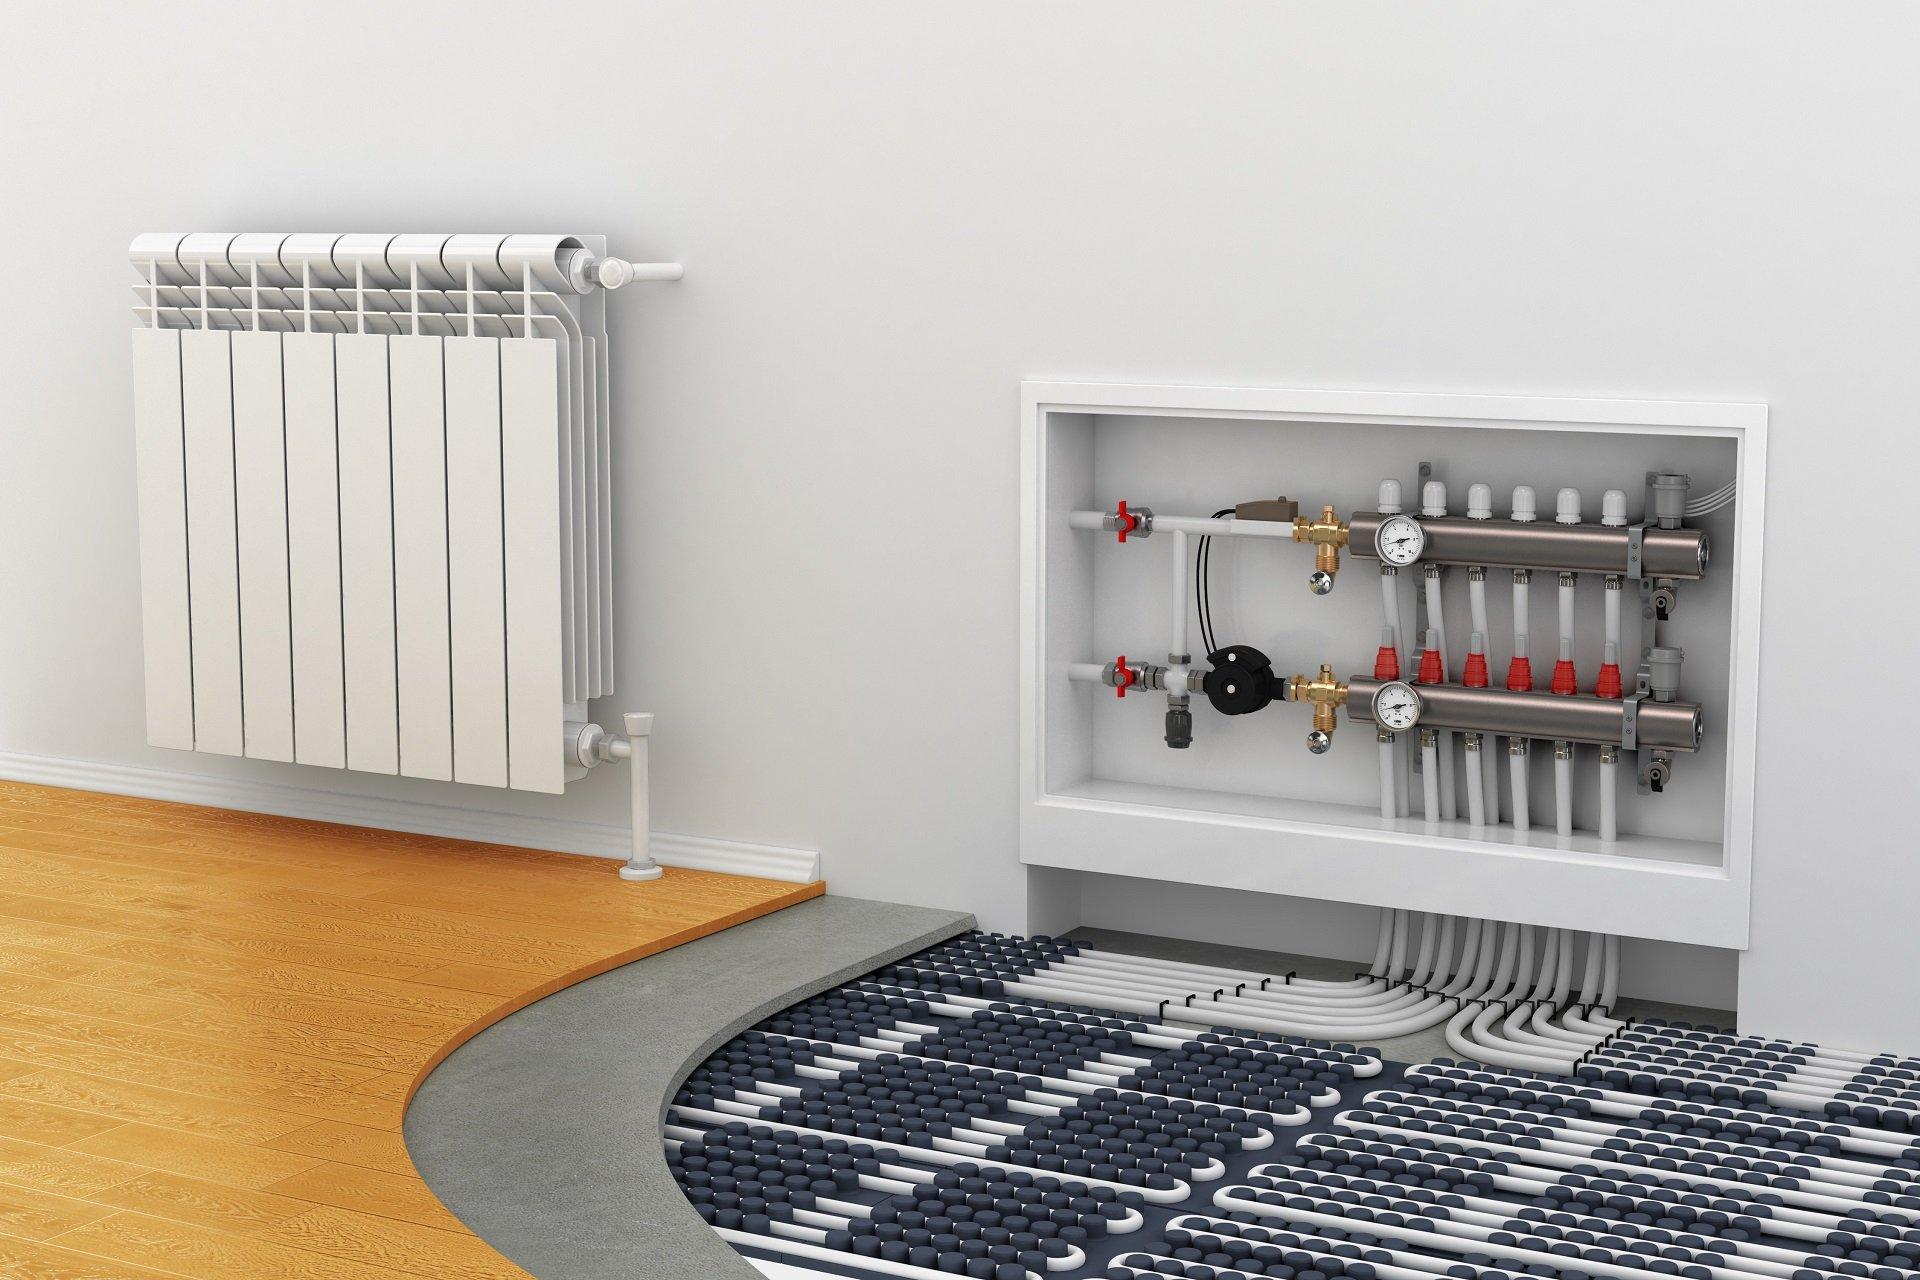 termosifone e impianto riscaldamento